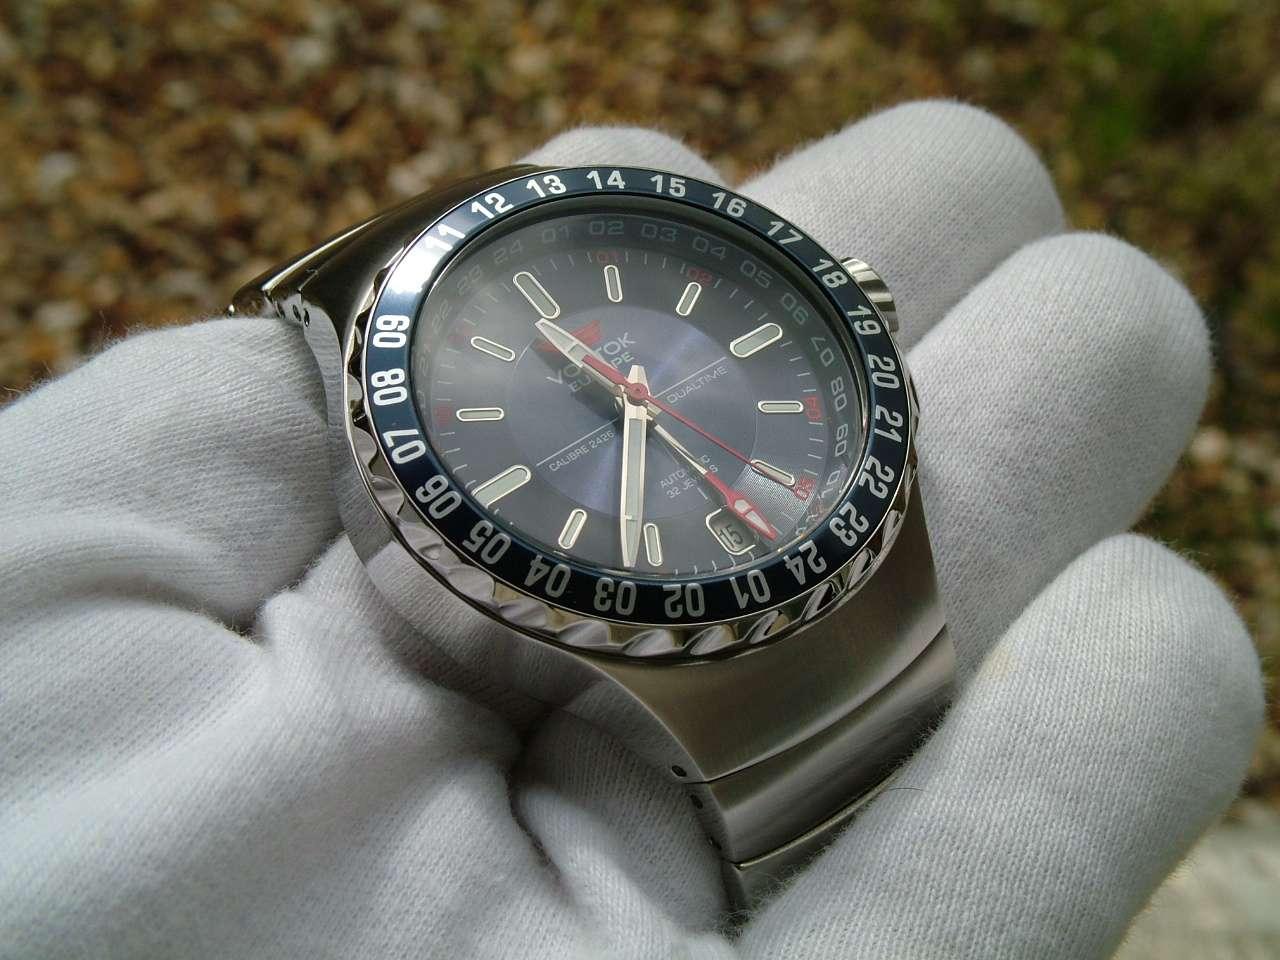 Поверхностный контакт часов с водой 30 м — 3 атм.